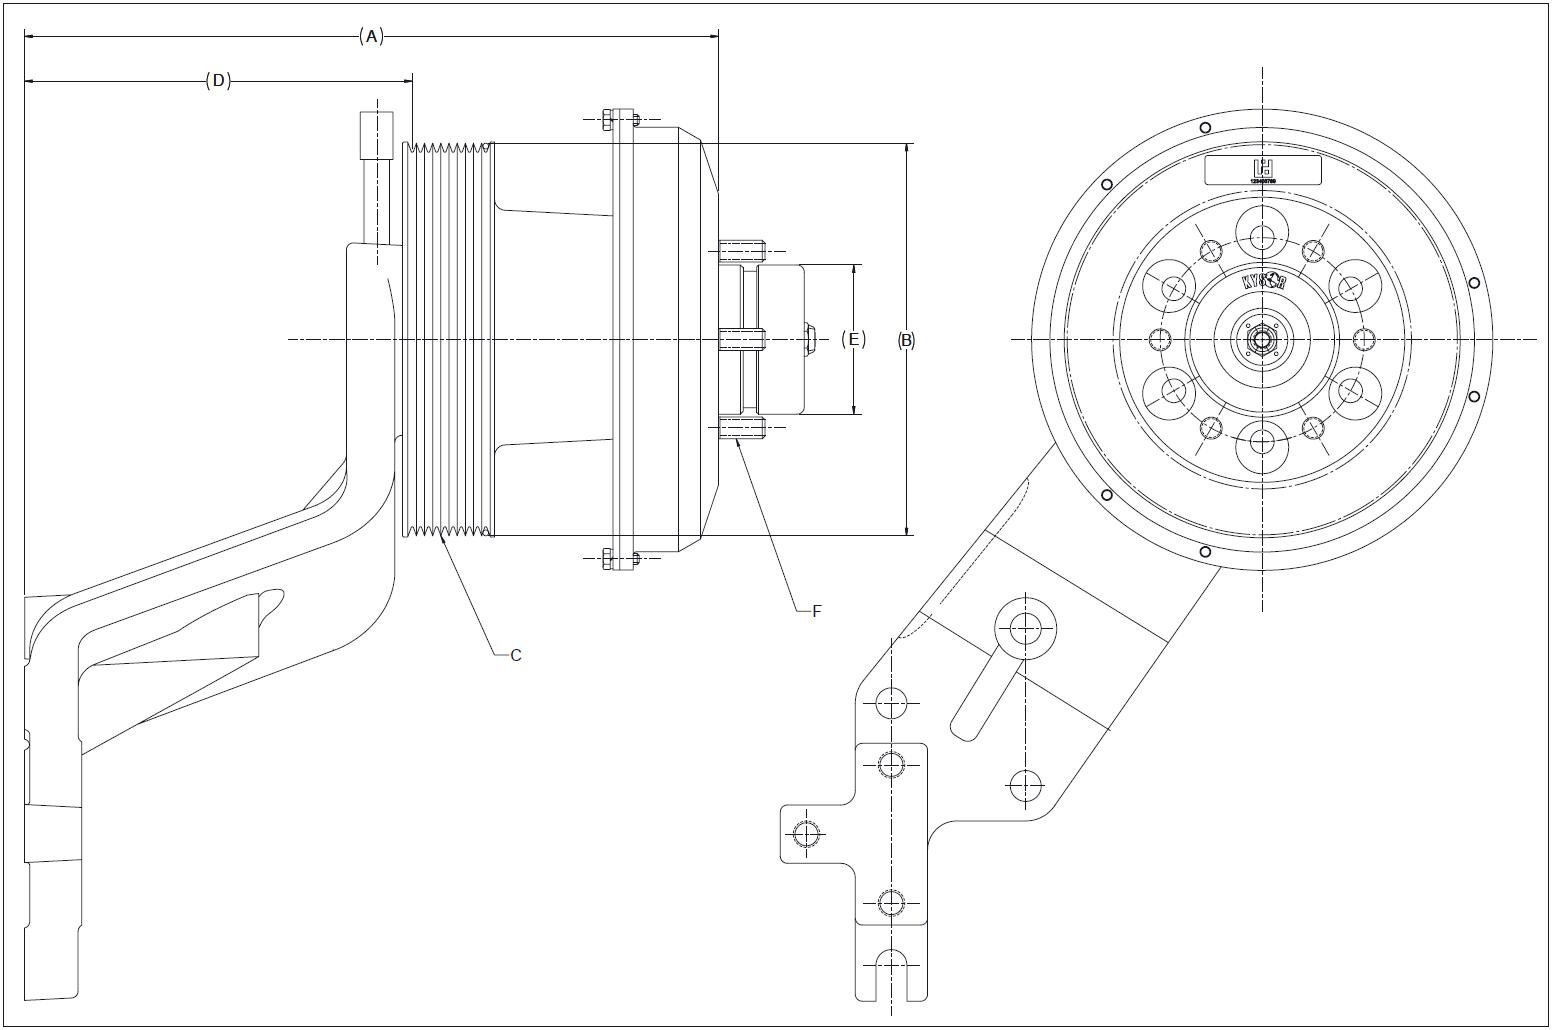 010024590 K30 Rear Air Fan Drive Assembly